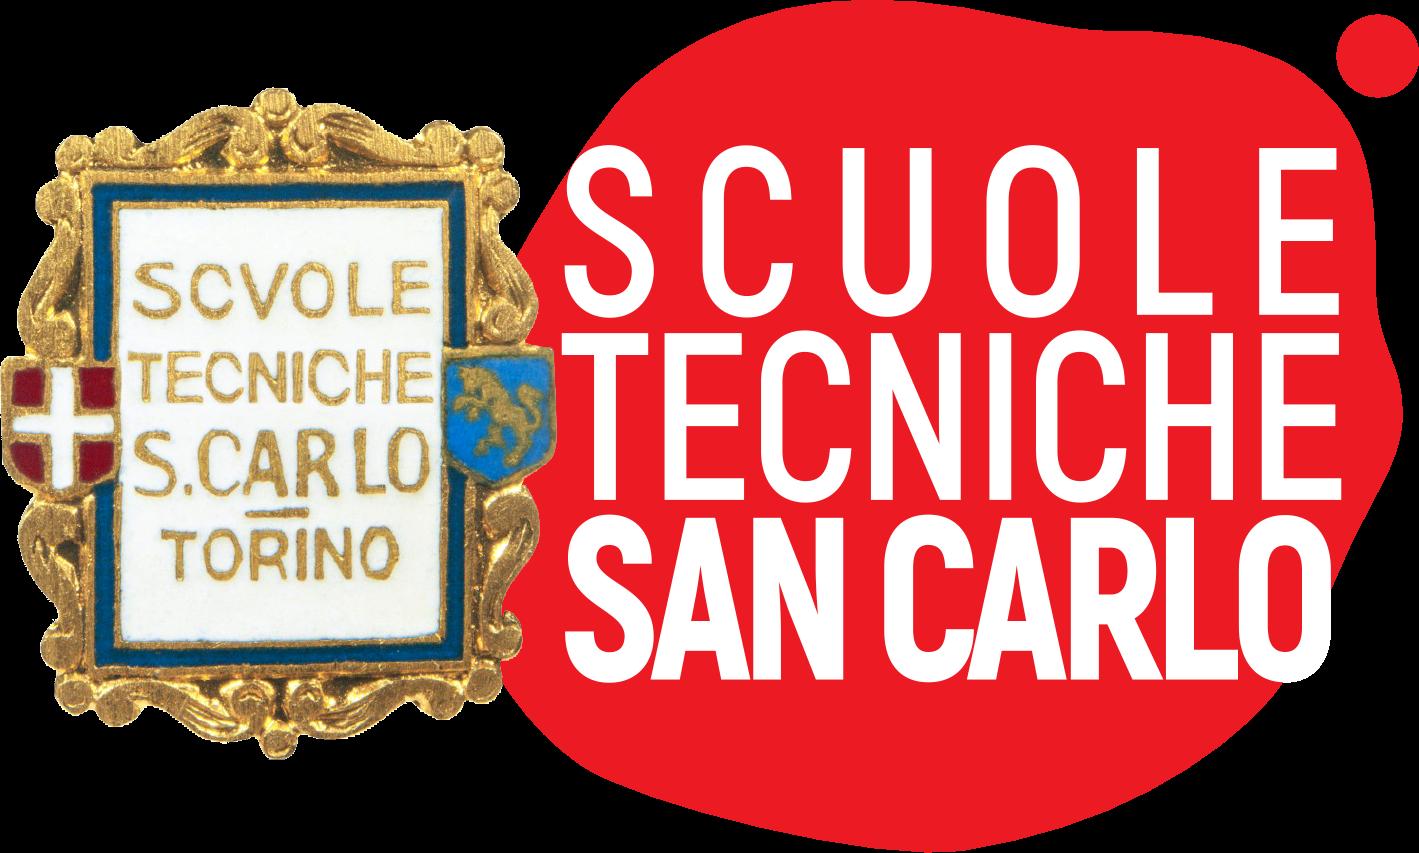 Scuole Tecniche San Carlo - Associazione Scuole Tecniche San Carlo